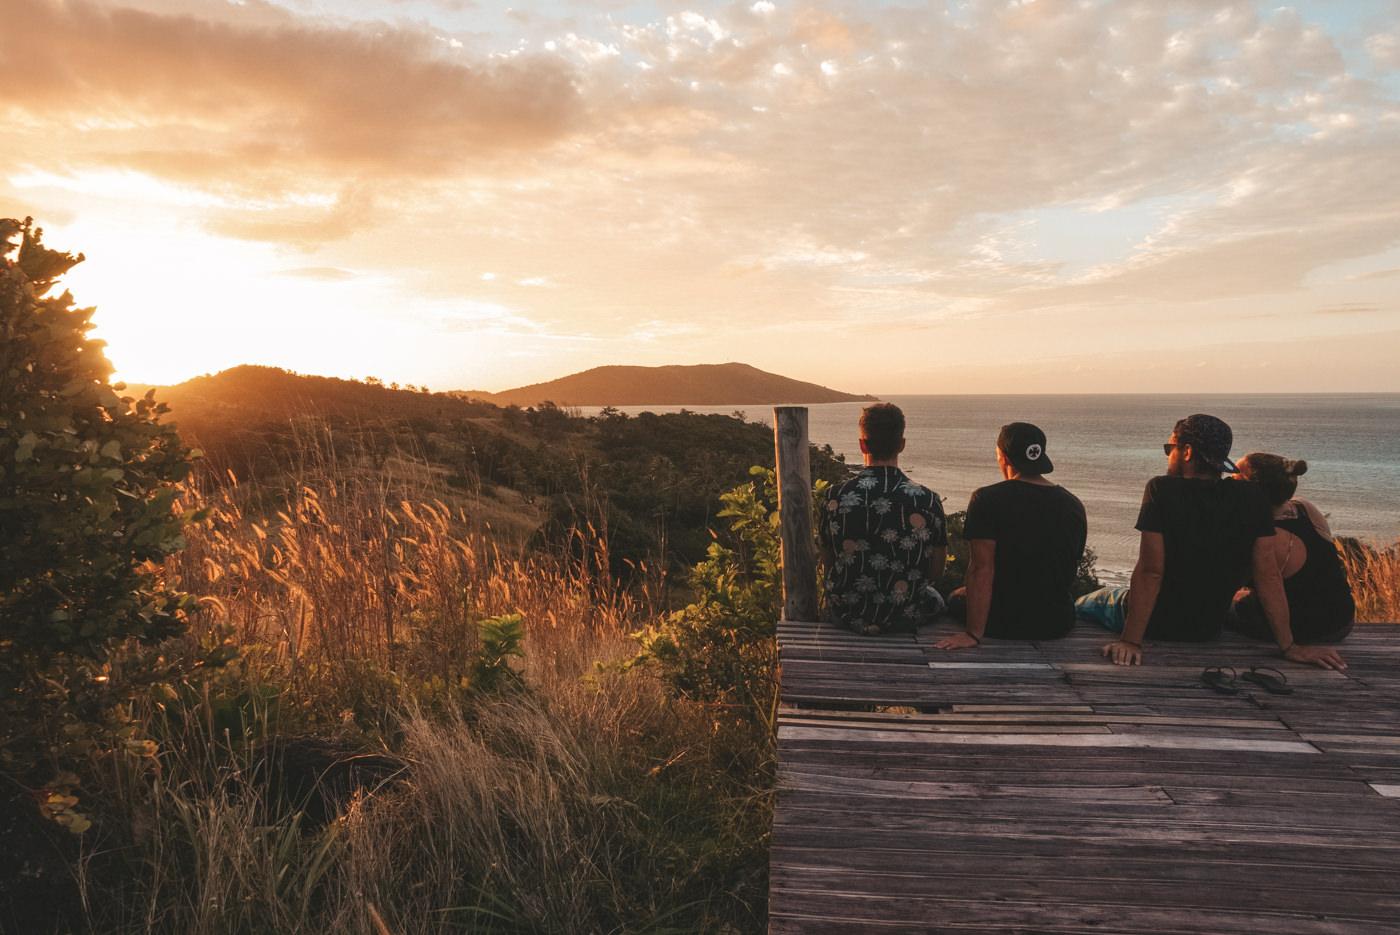 Sonnenuntergang mit Aussicht auf den Fidschis